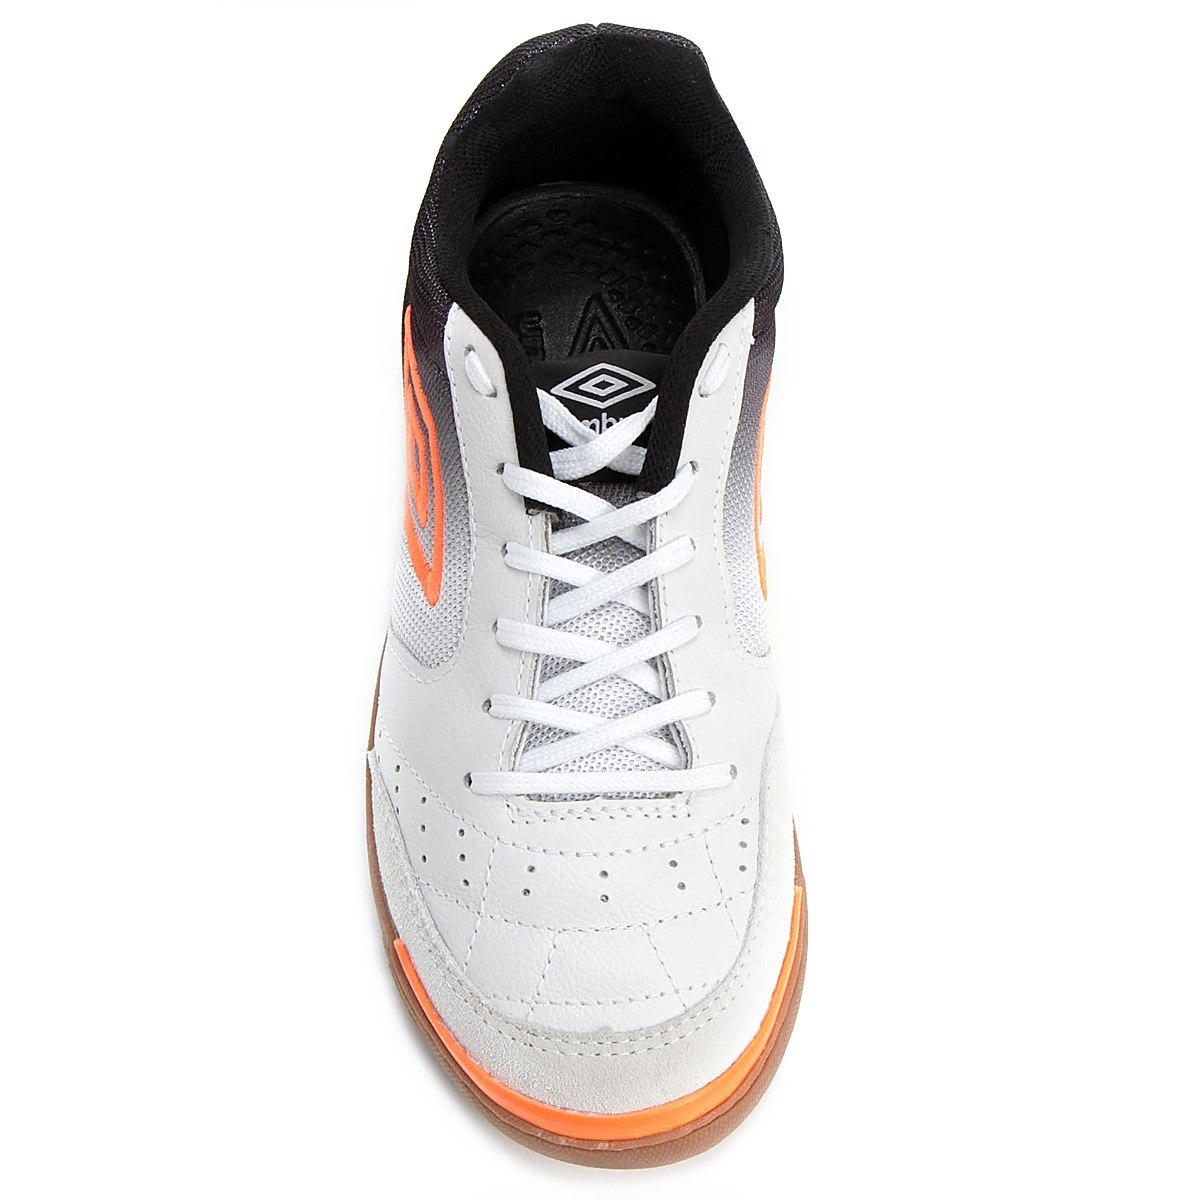 tênis futsal umbro box couro amortecedor costurado. Carregando zoom. b6d0e5f651825